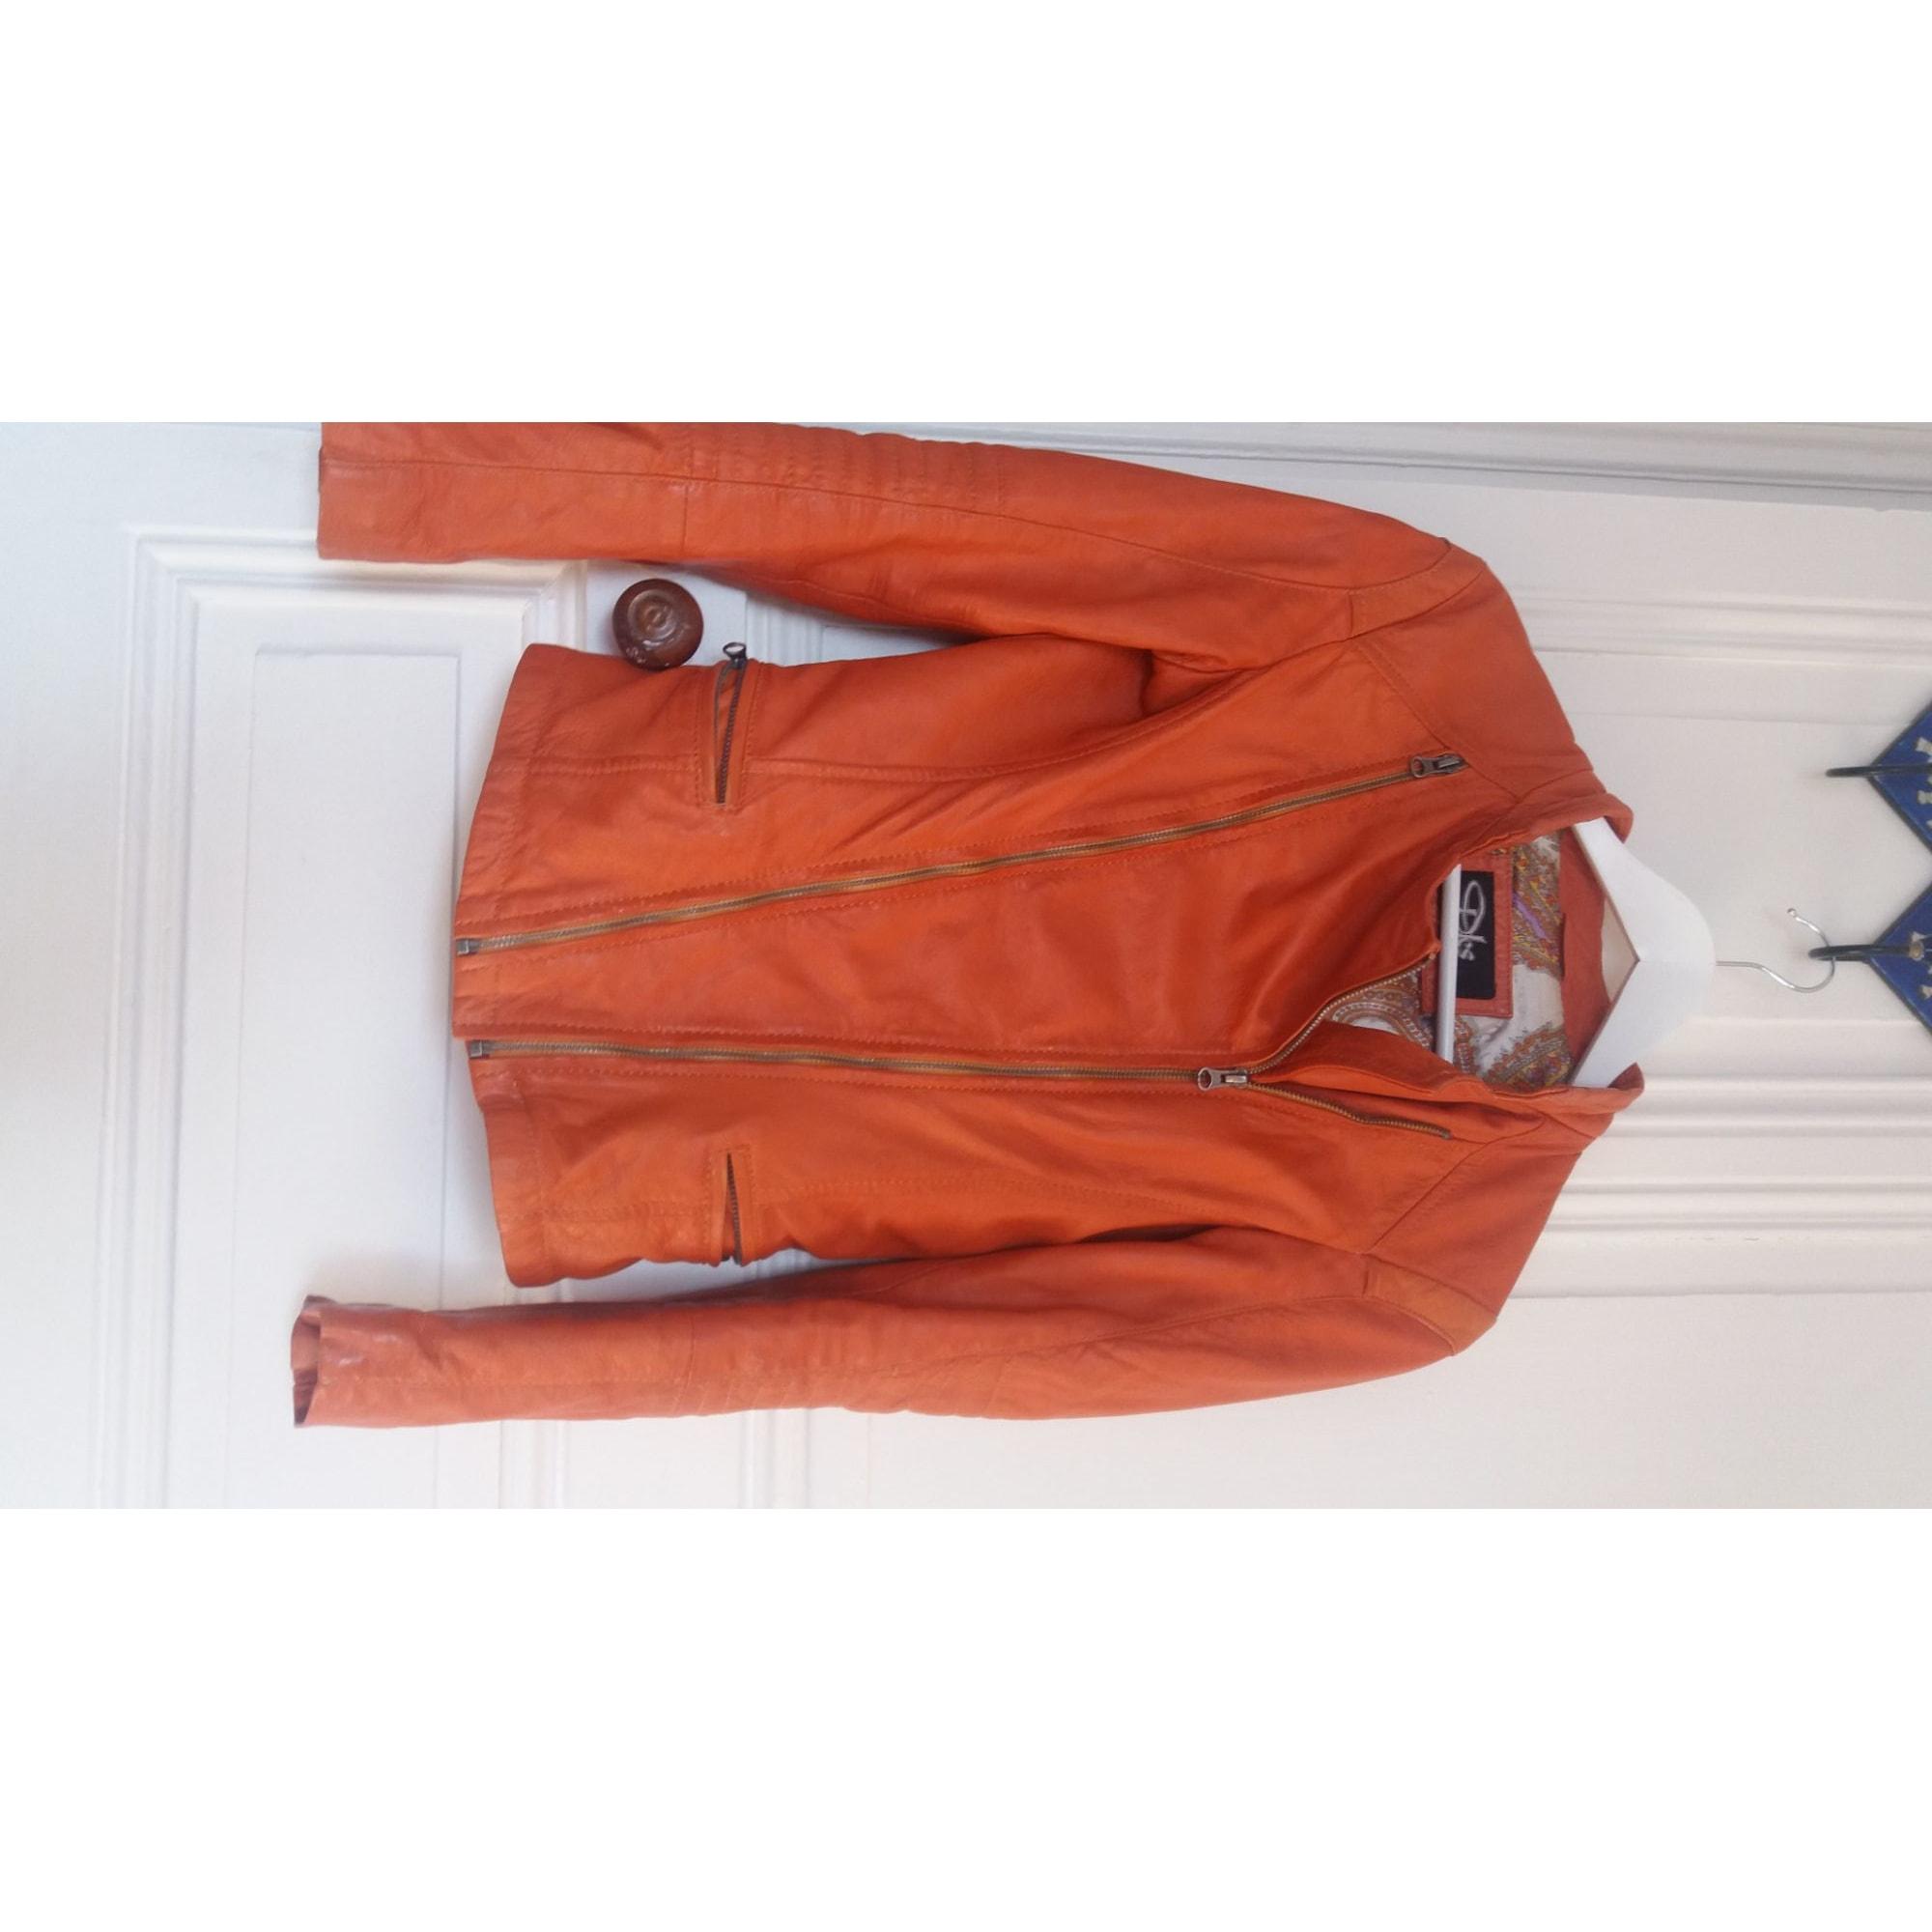 Veste en cuir DKS Orange